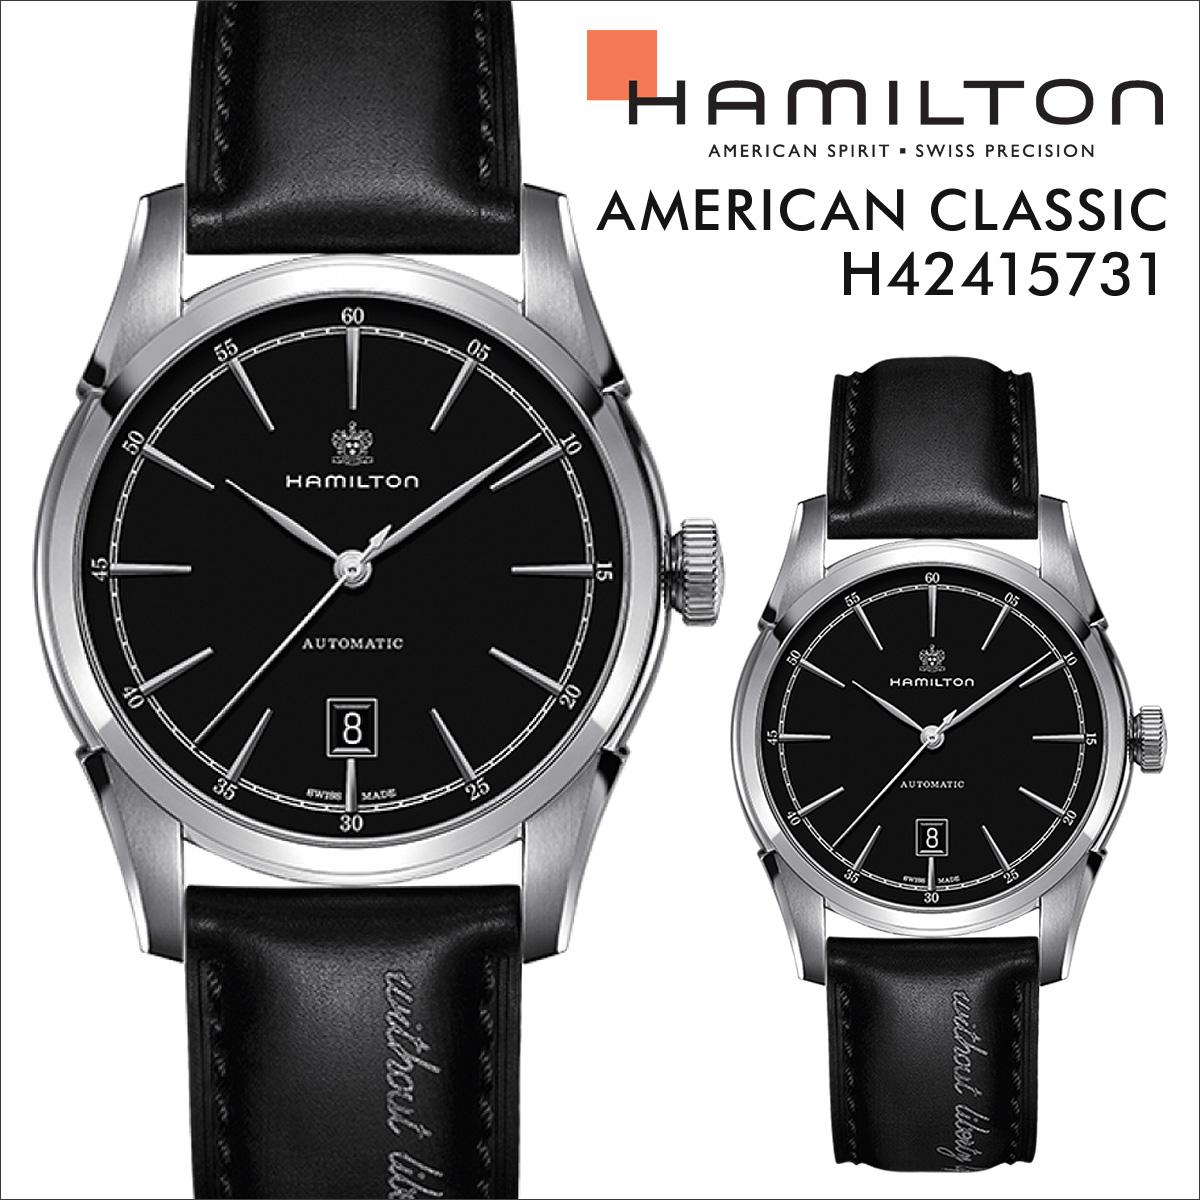 HAMILTON ハミルトン 腕時計 アメリカン クラシック メンズ 時計 43mm AMERICAN CLASSIC SPIRIT OF LIBERTY AUTO H42415731 ブラック 防水 [ あす楽対象外 ]